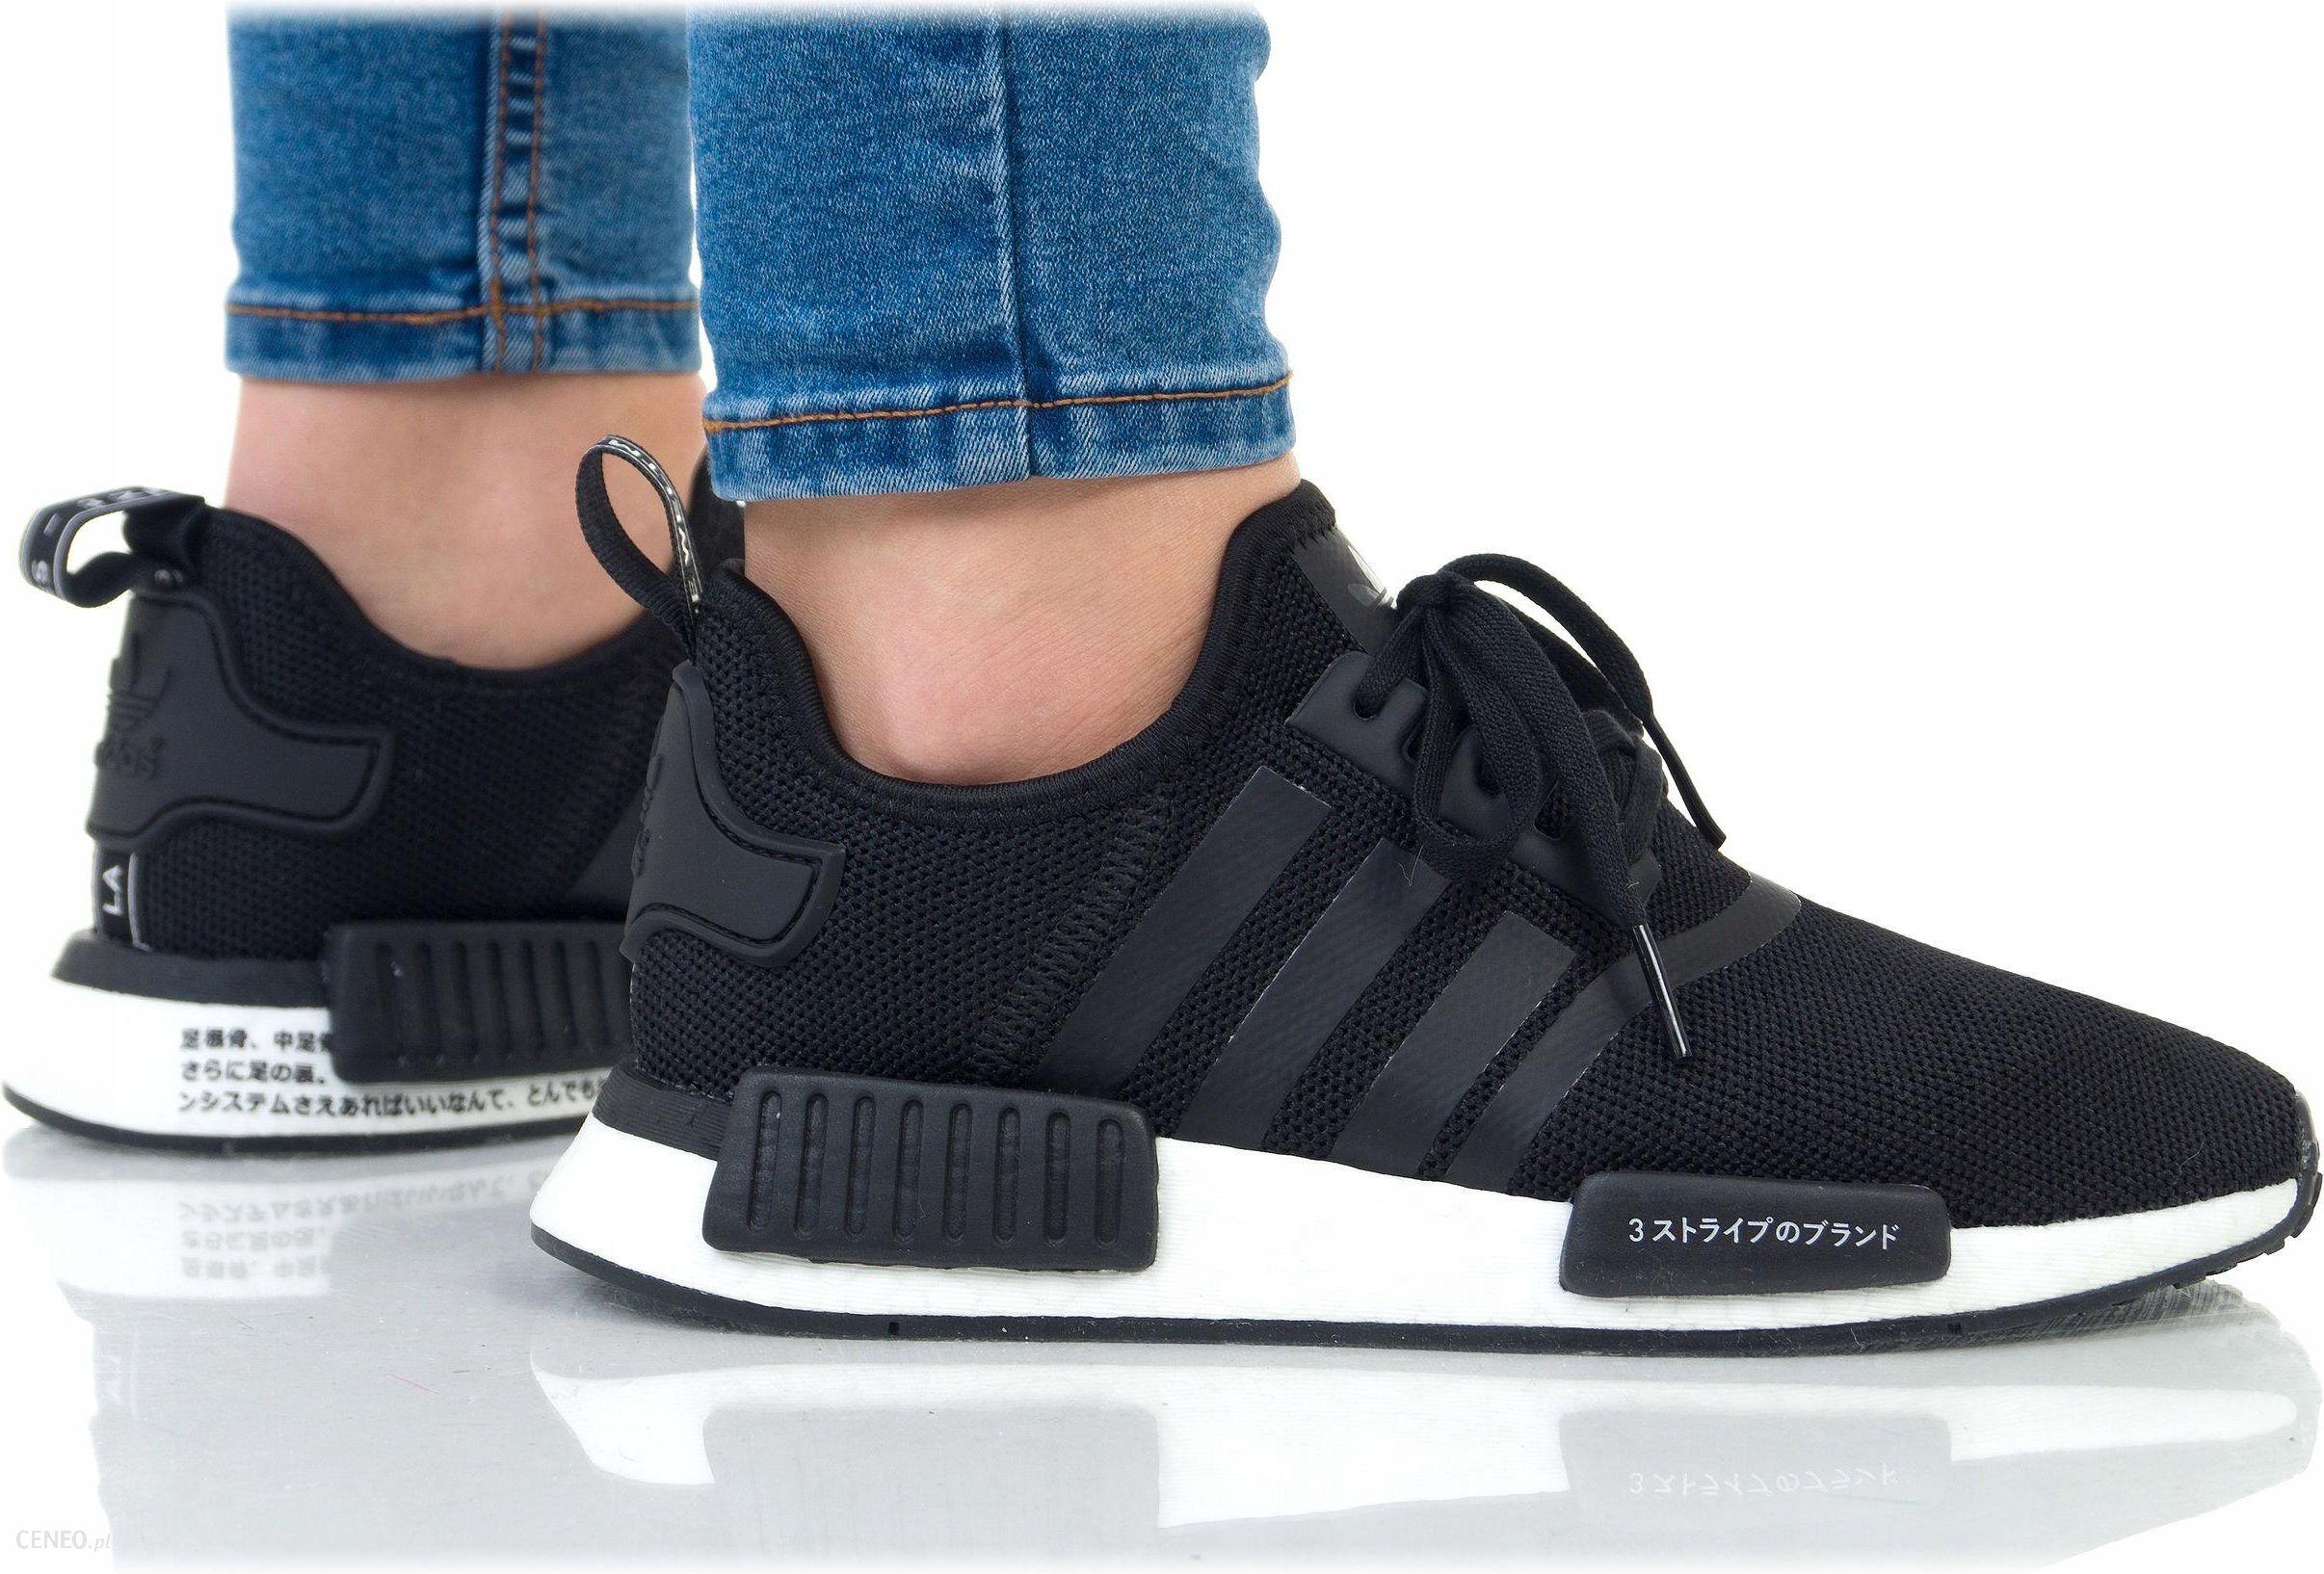 Damskie adidas NMD R1 PK W Sneakersy Damskie Szare Trampki